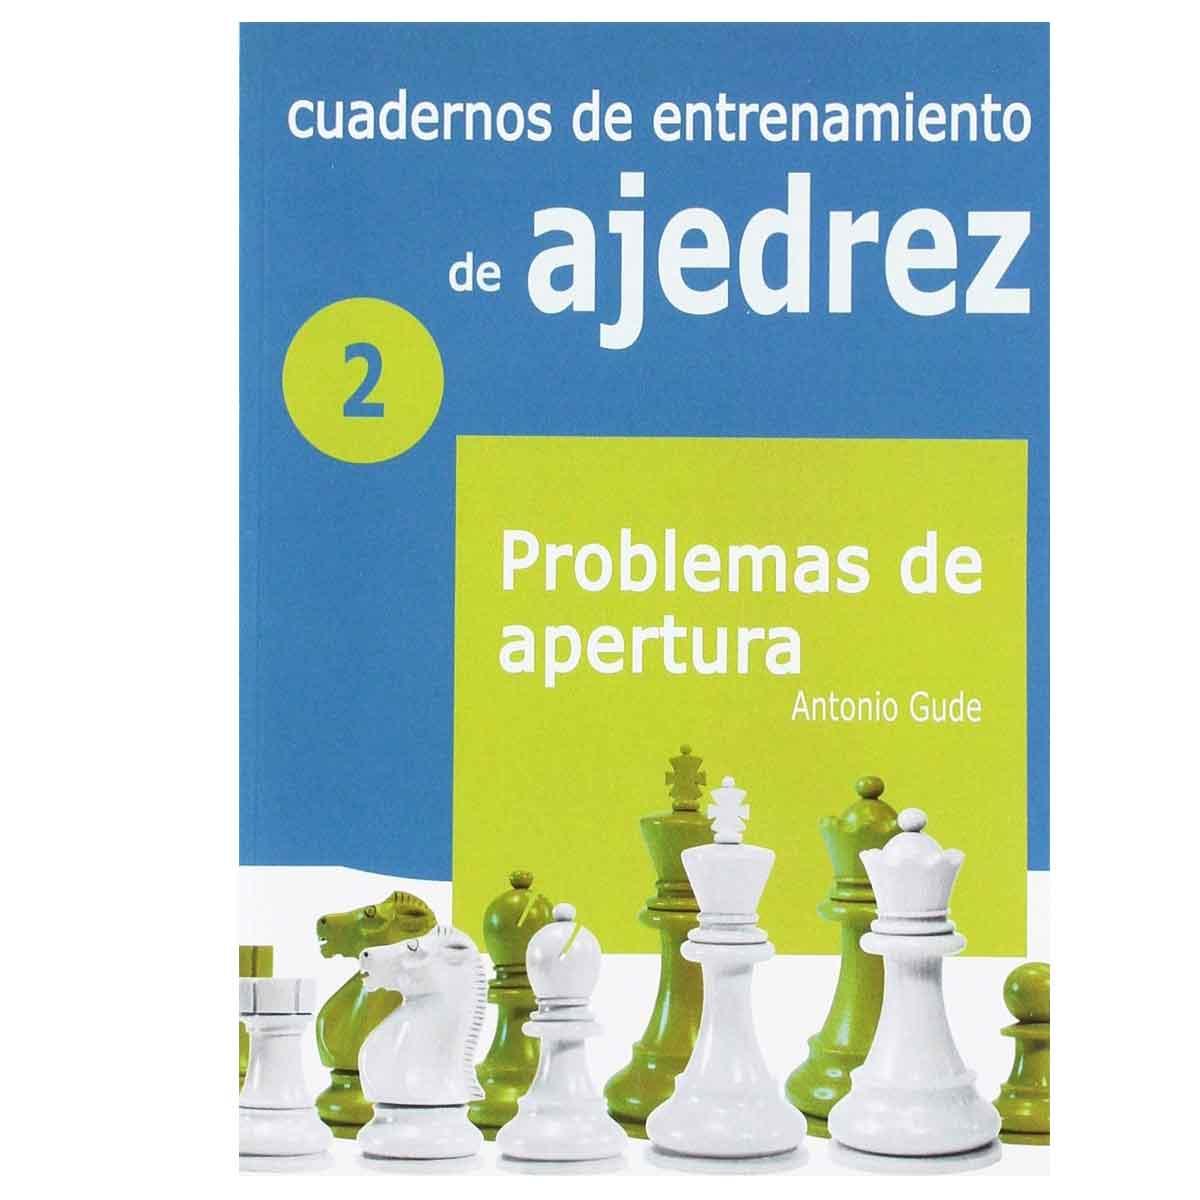 Cuadernos de entrenamiento en ajedrez: 2. Problemas de apertura